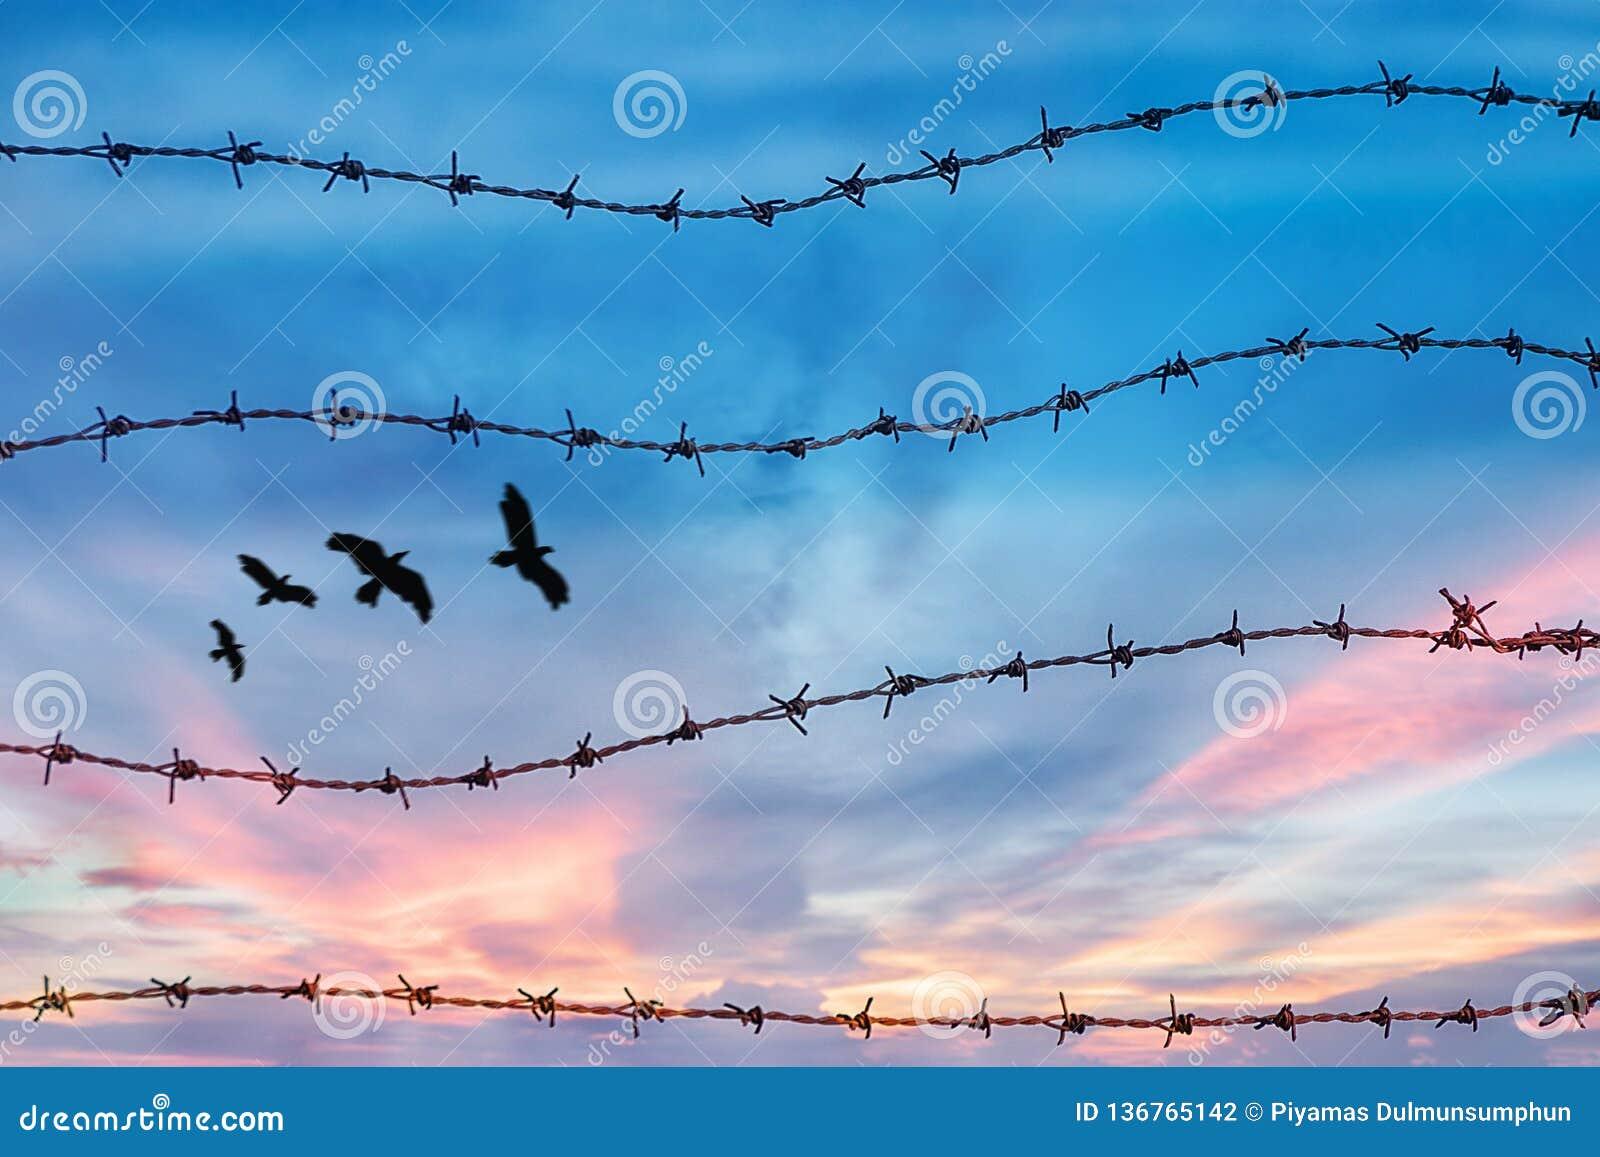 Conceito da liberdade e dos direitos humanos silhueta do voo livre do pássaro no céu atrás do arame farpado com fundo do por do s